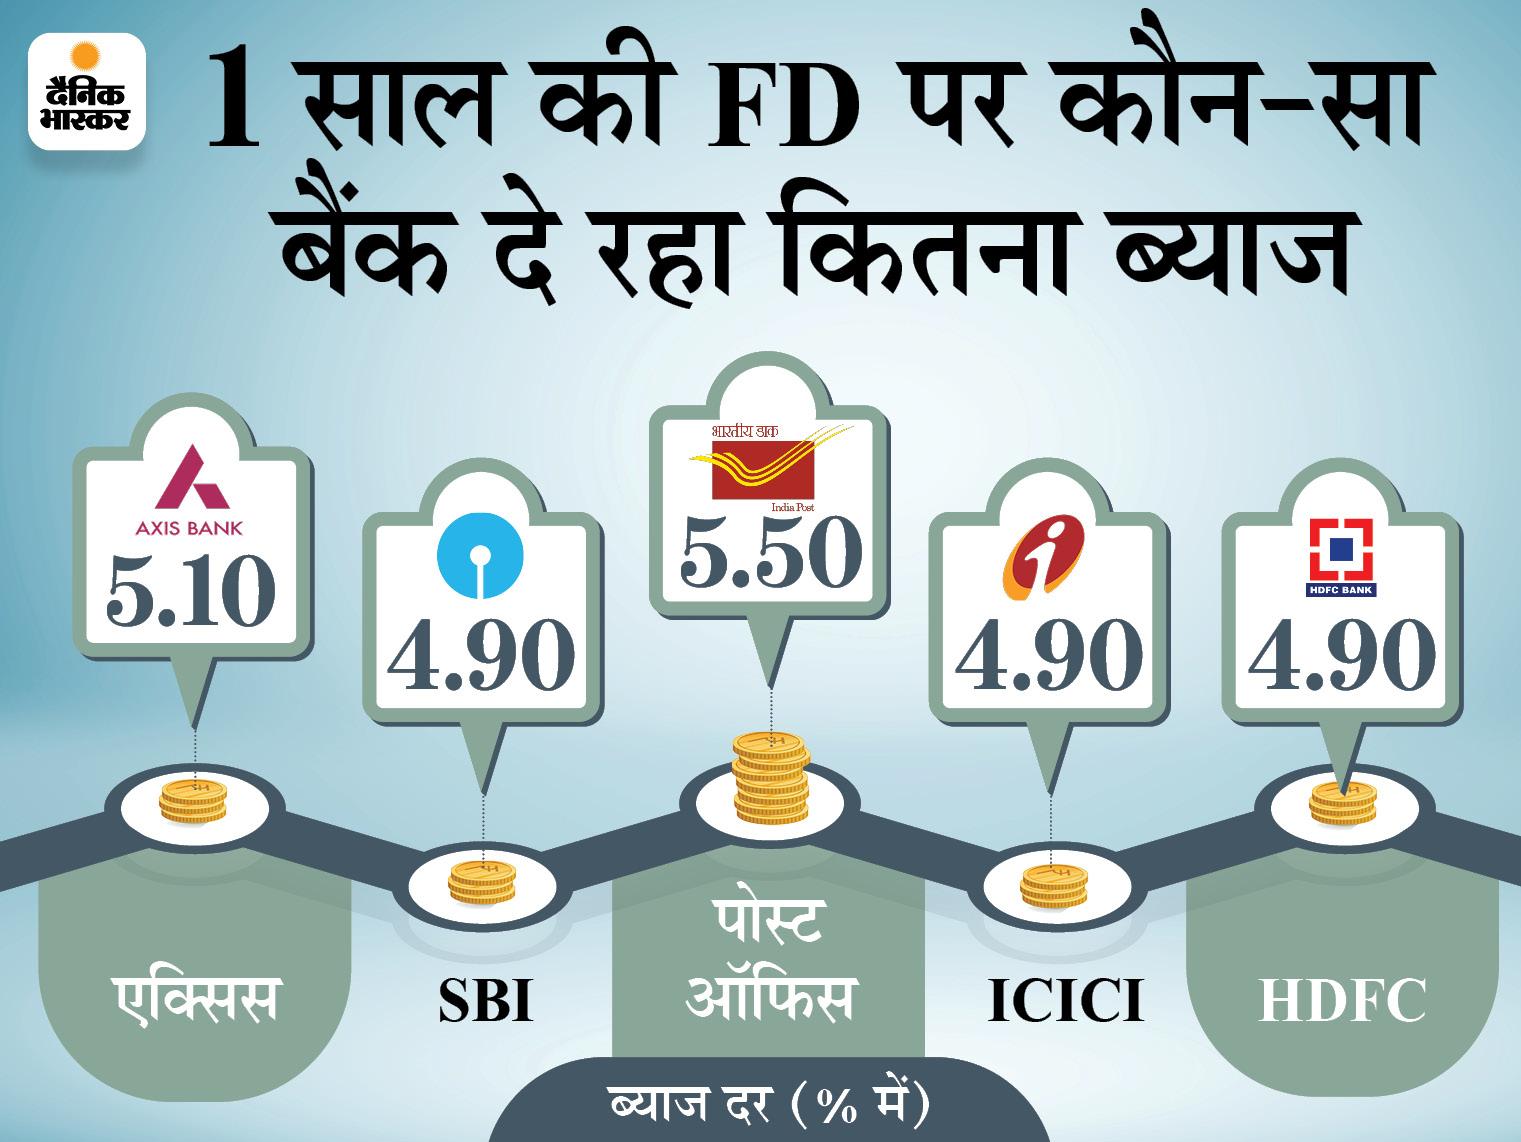 फिक्स्ड डिपॉजिट कराने का बना रहे हैं प्लान तो पहले यहां जान लें कहां निवेश करने पर मिलेगा ज्यादा फायदा|बिजनेस,Business - Dainik Bhaskar